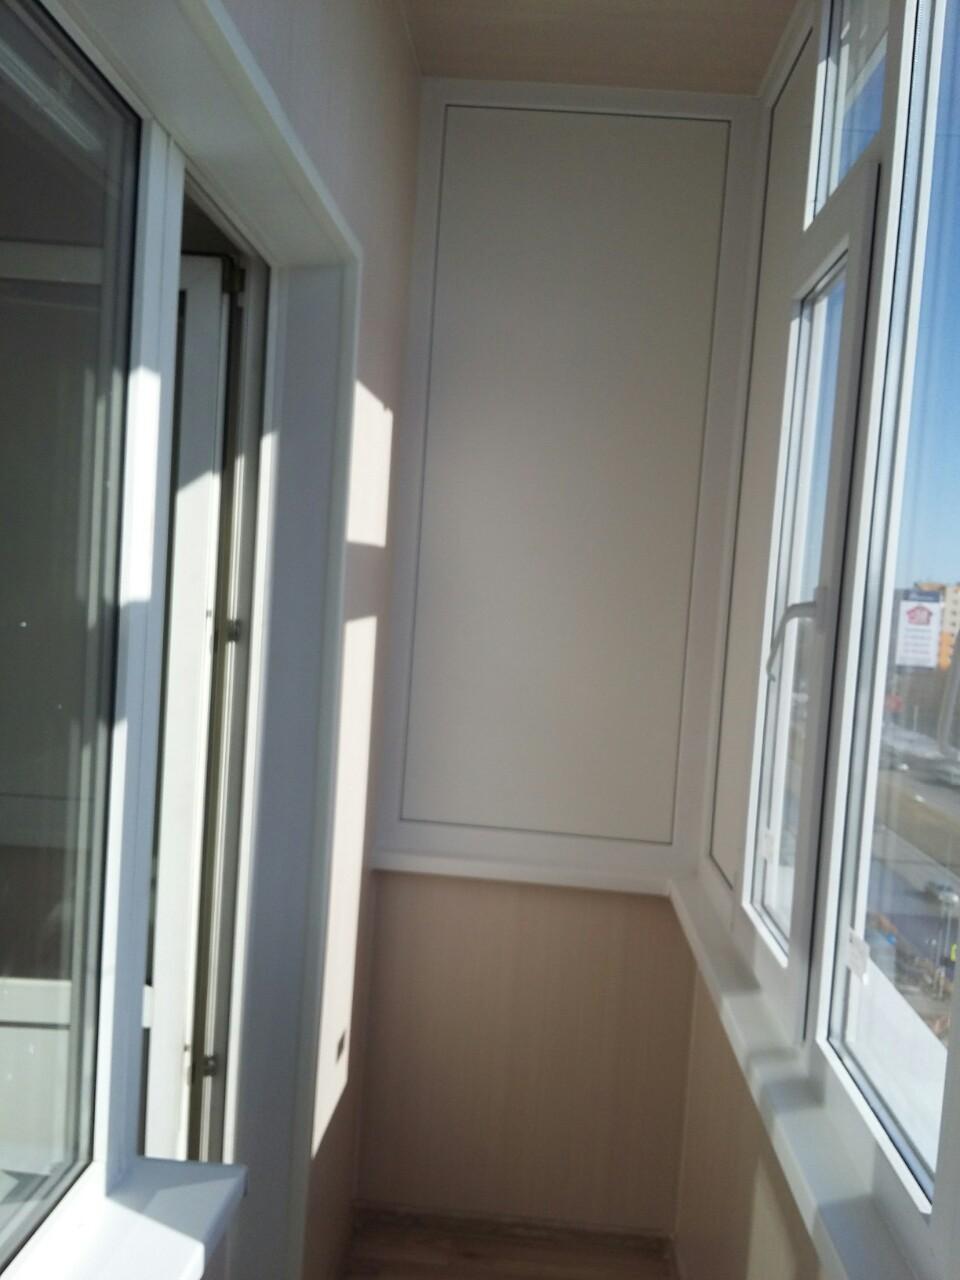 Пластиковые окна Сургут ул. Мира дом 7 Новые окна Фото 2